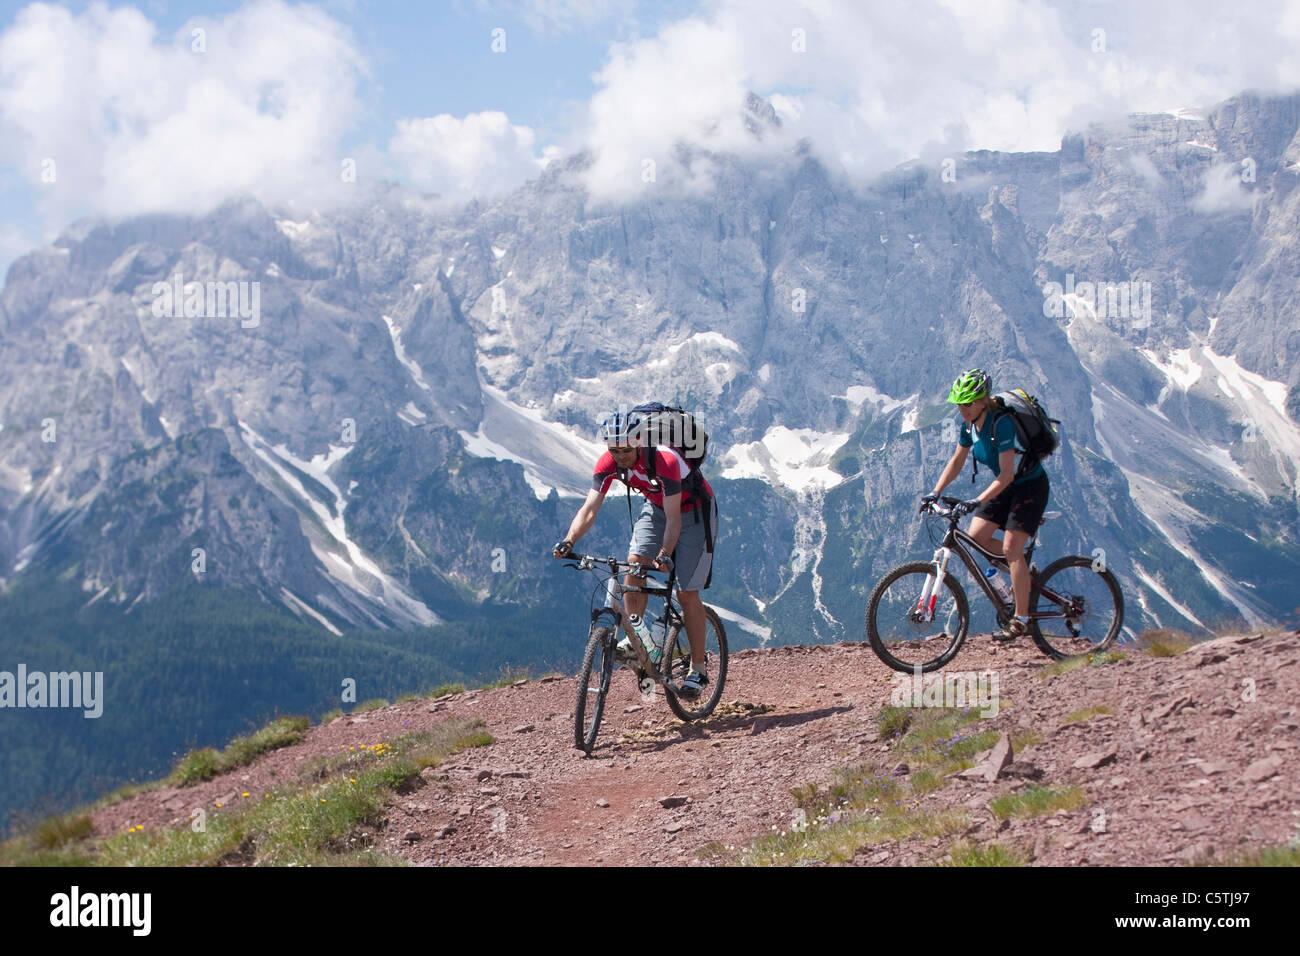 L'Italia, Dolomiti, giovane mountainbike Immagini Stock